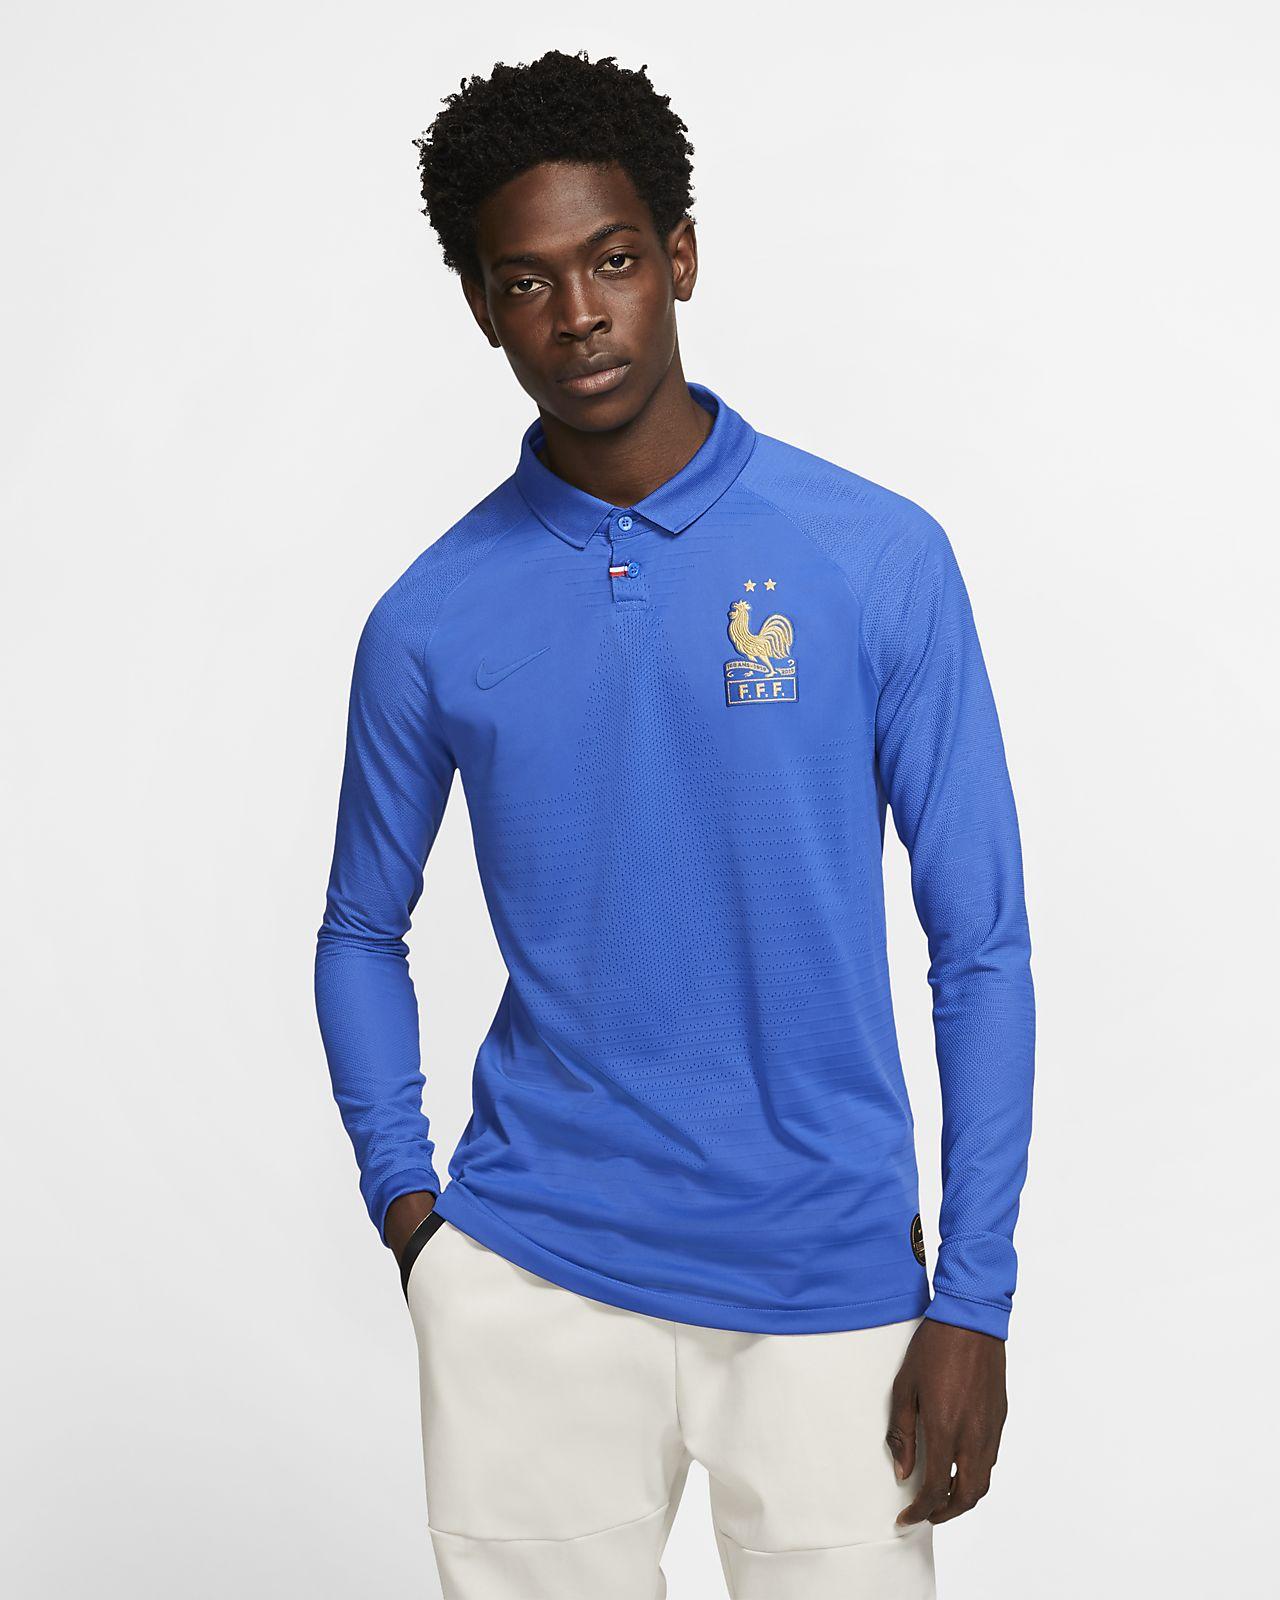 FFF Vapor Match Centennial Men's Long-Sleeve Shirt